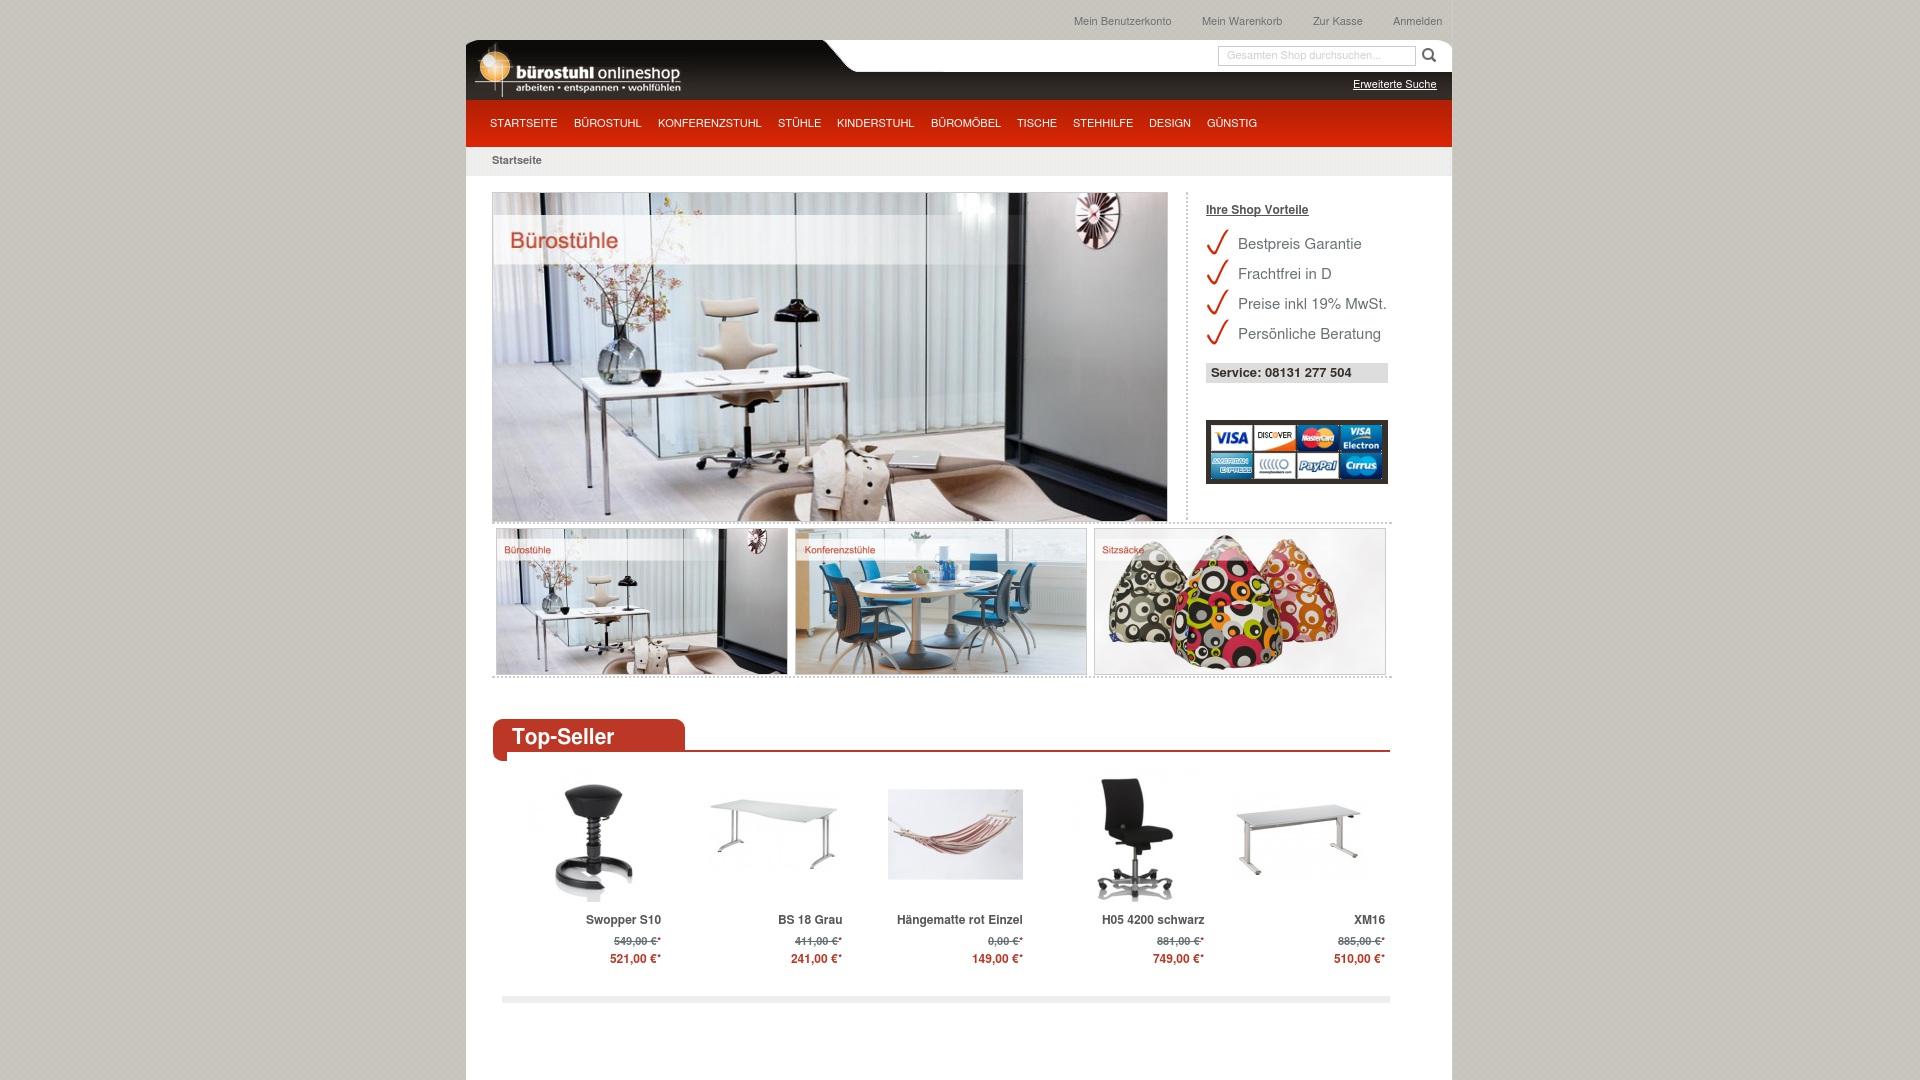 Gutschein für Buerostuhl-onlineshop: Rabatte für  Buerostuhl-onlineshop sichern